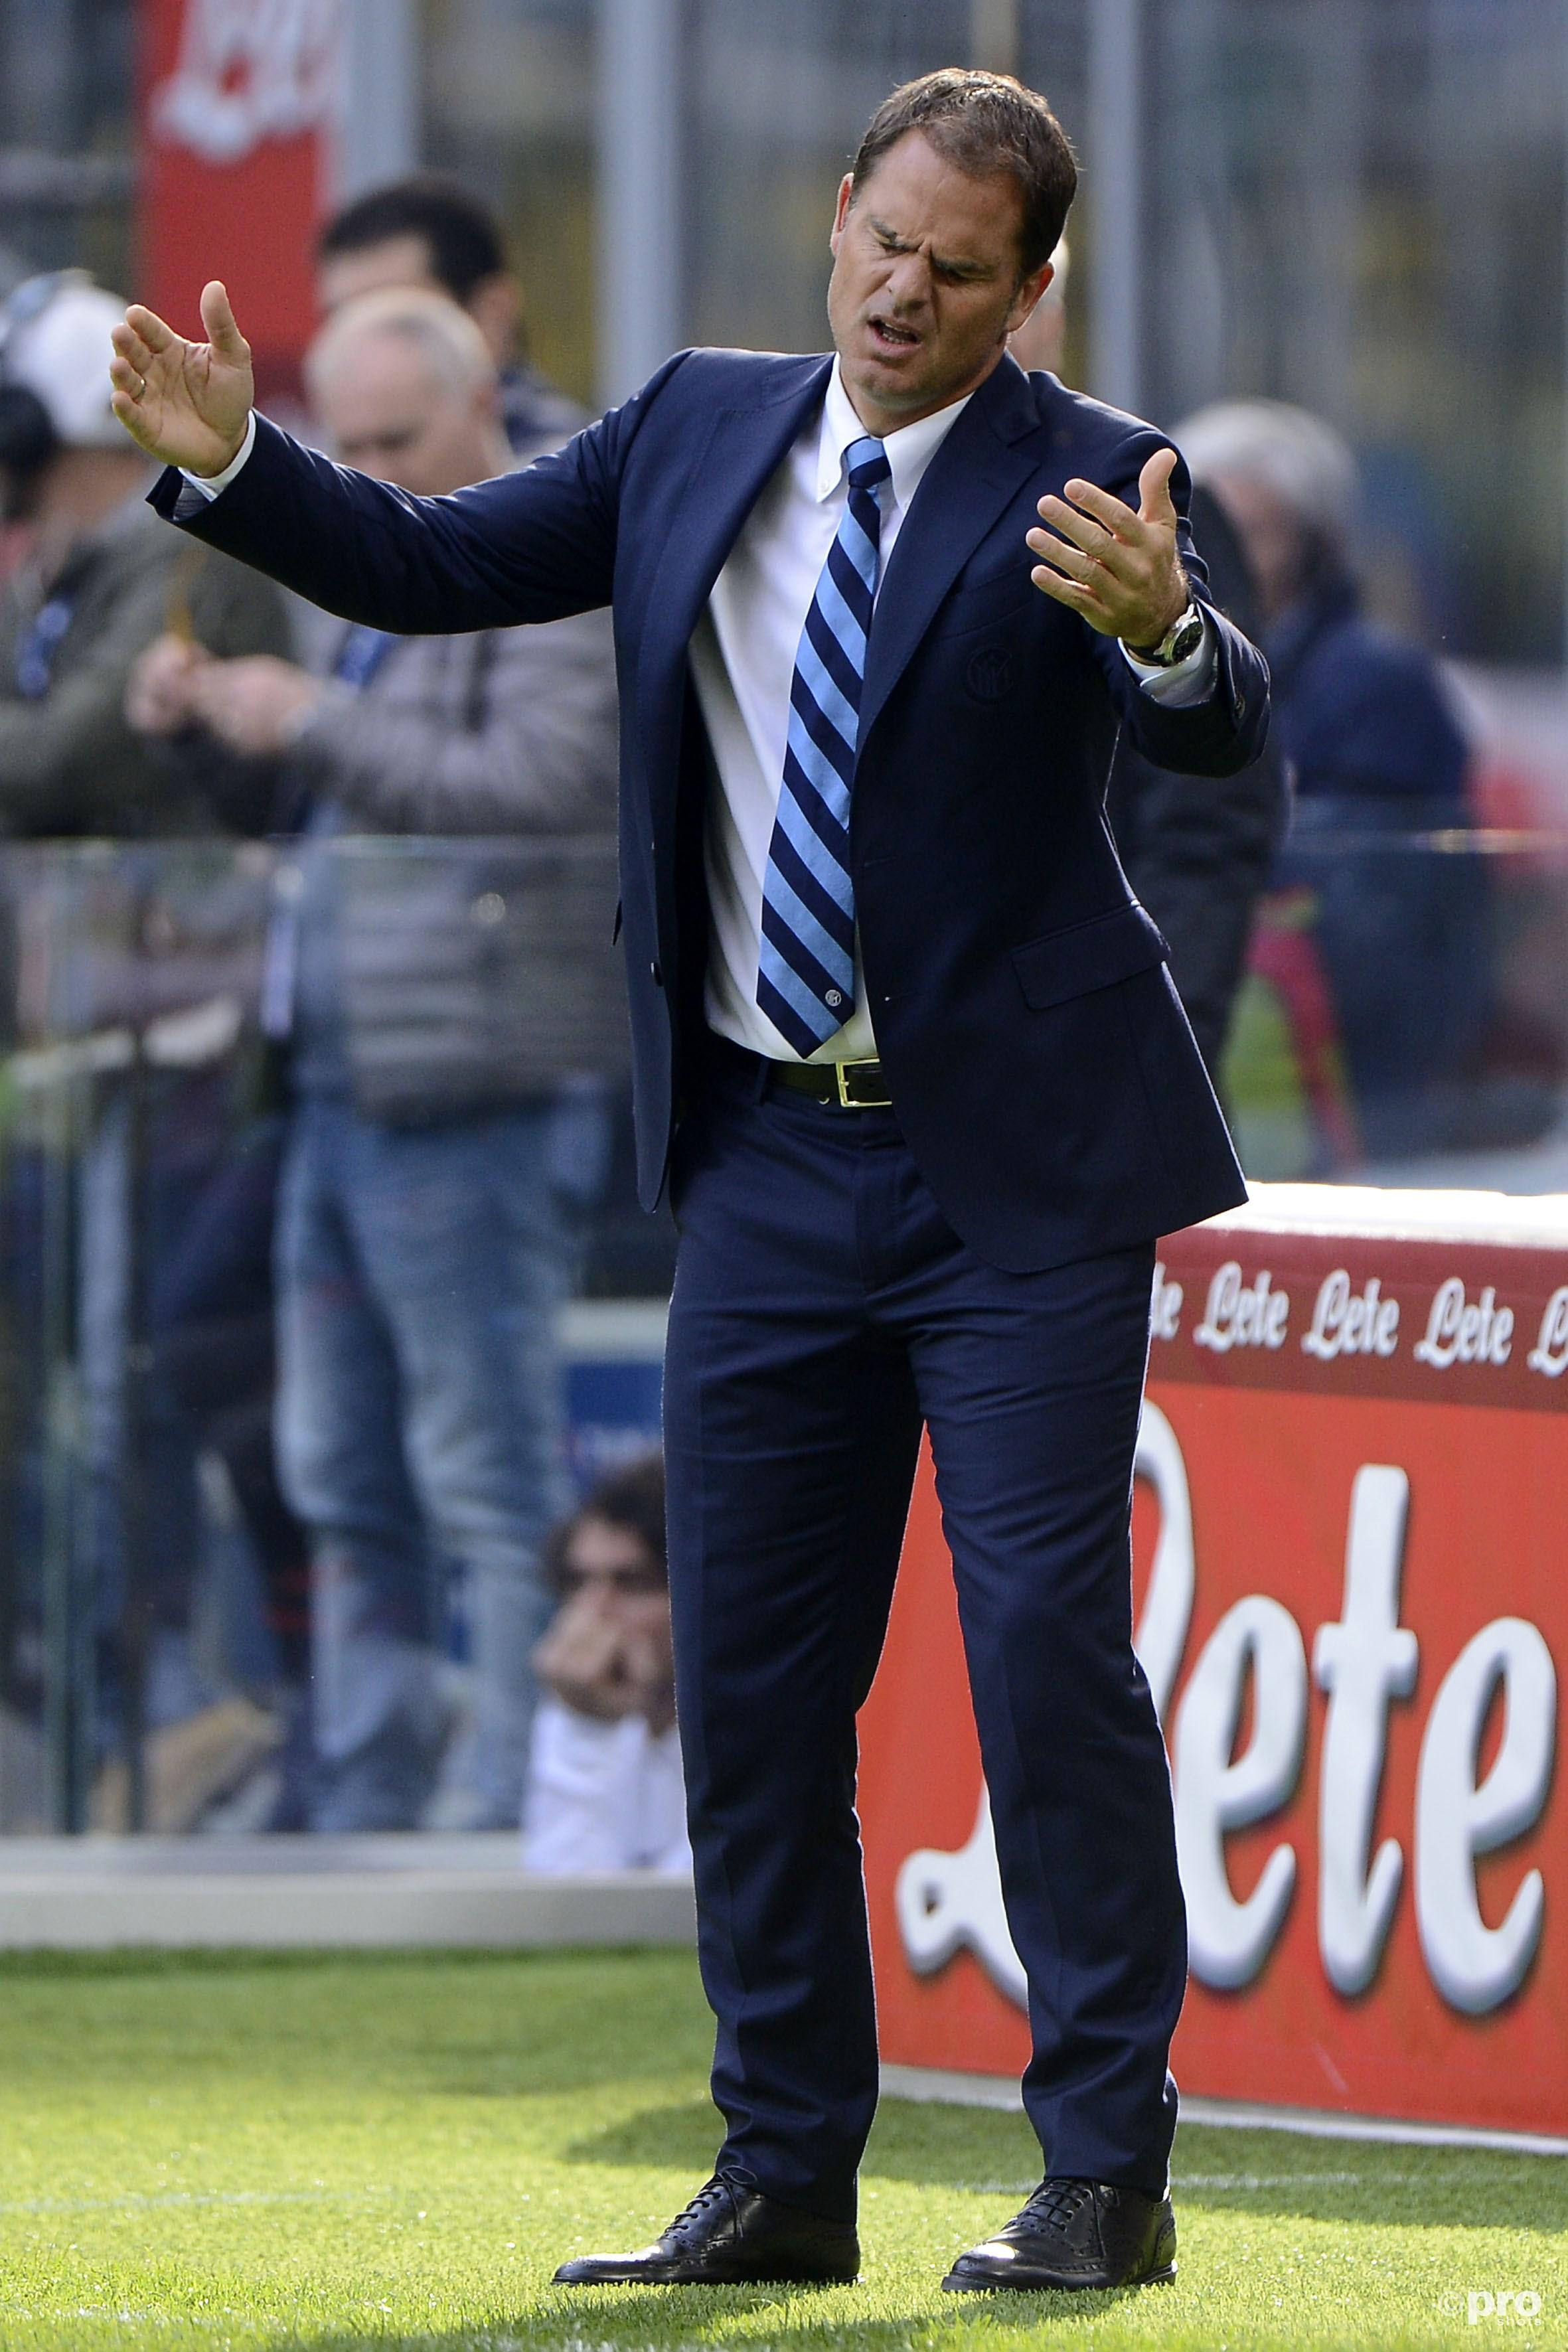 Problemen stapelen zich op voor Frank de Boer. (PRO SHOTS/Insidefoto)